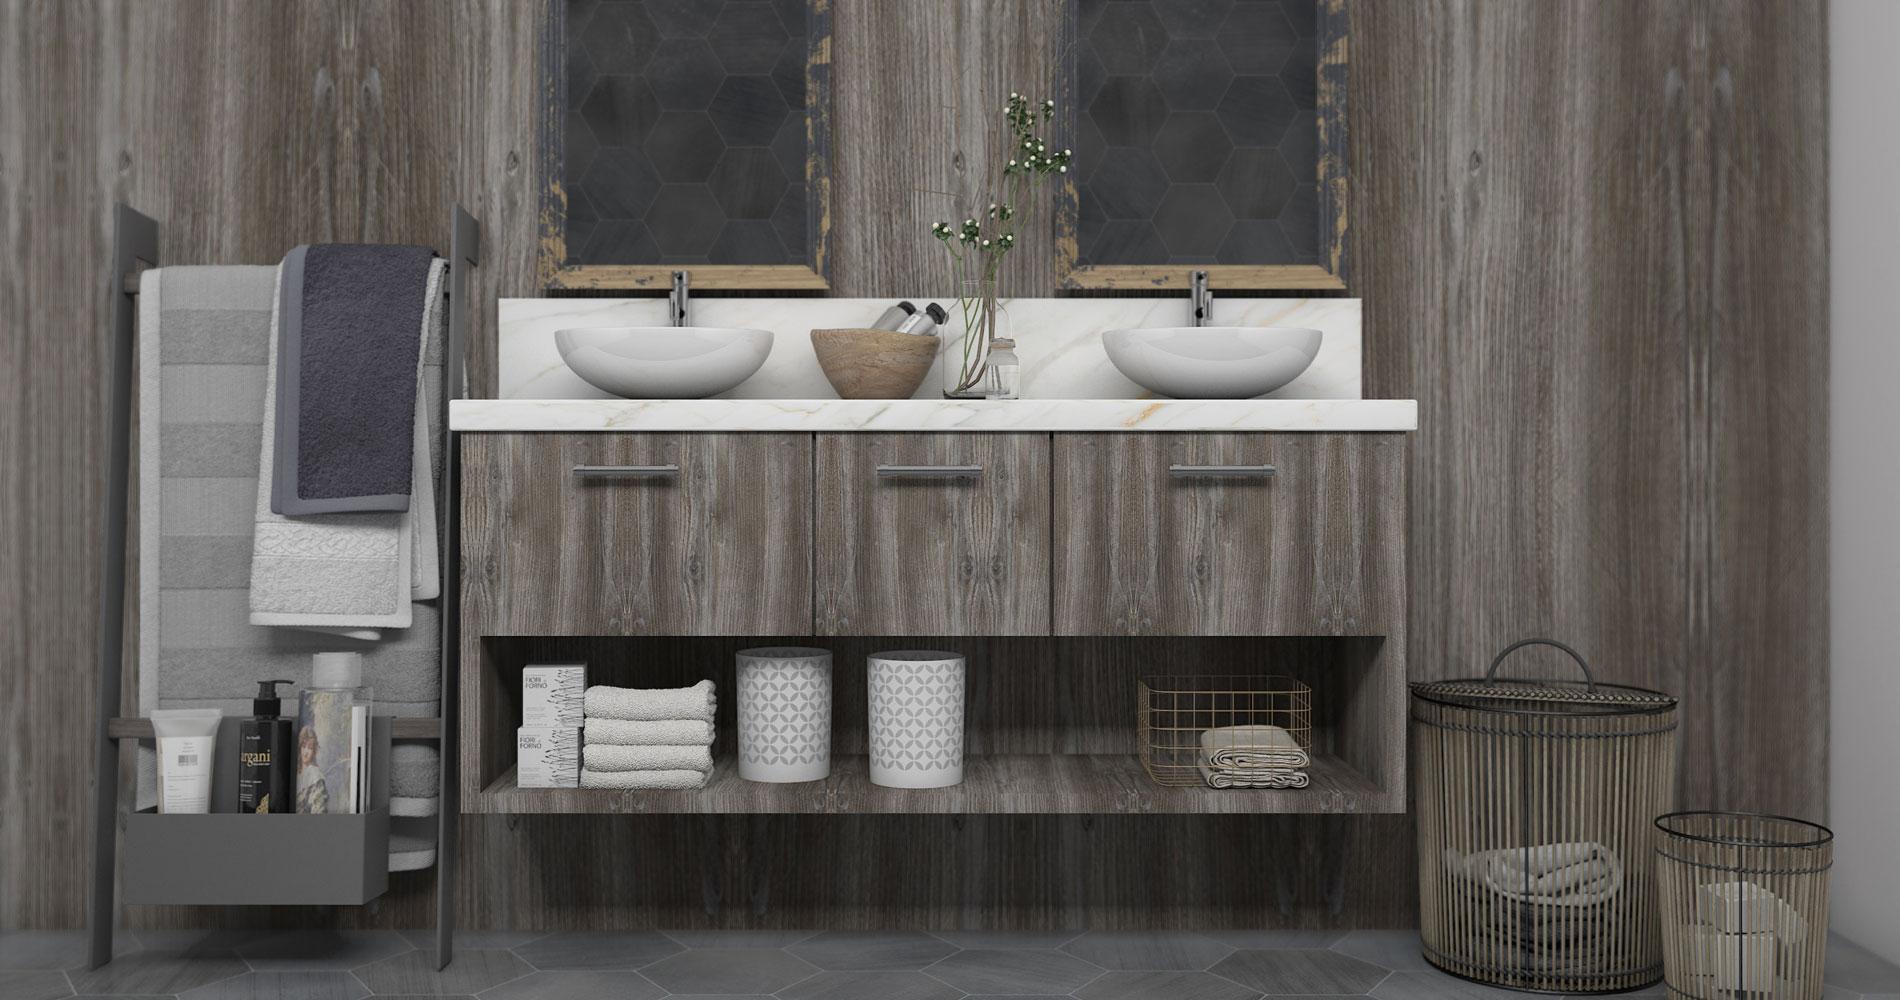 Wood-effect wall cladding for bathroom